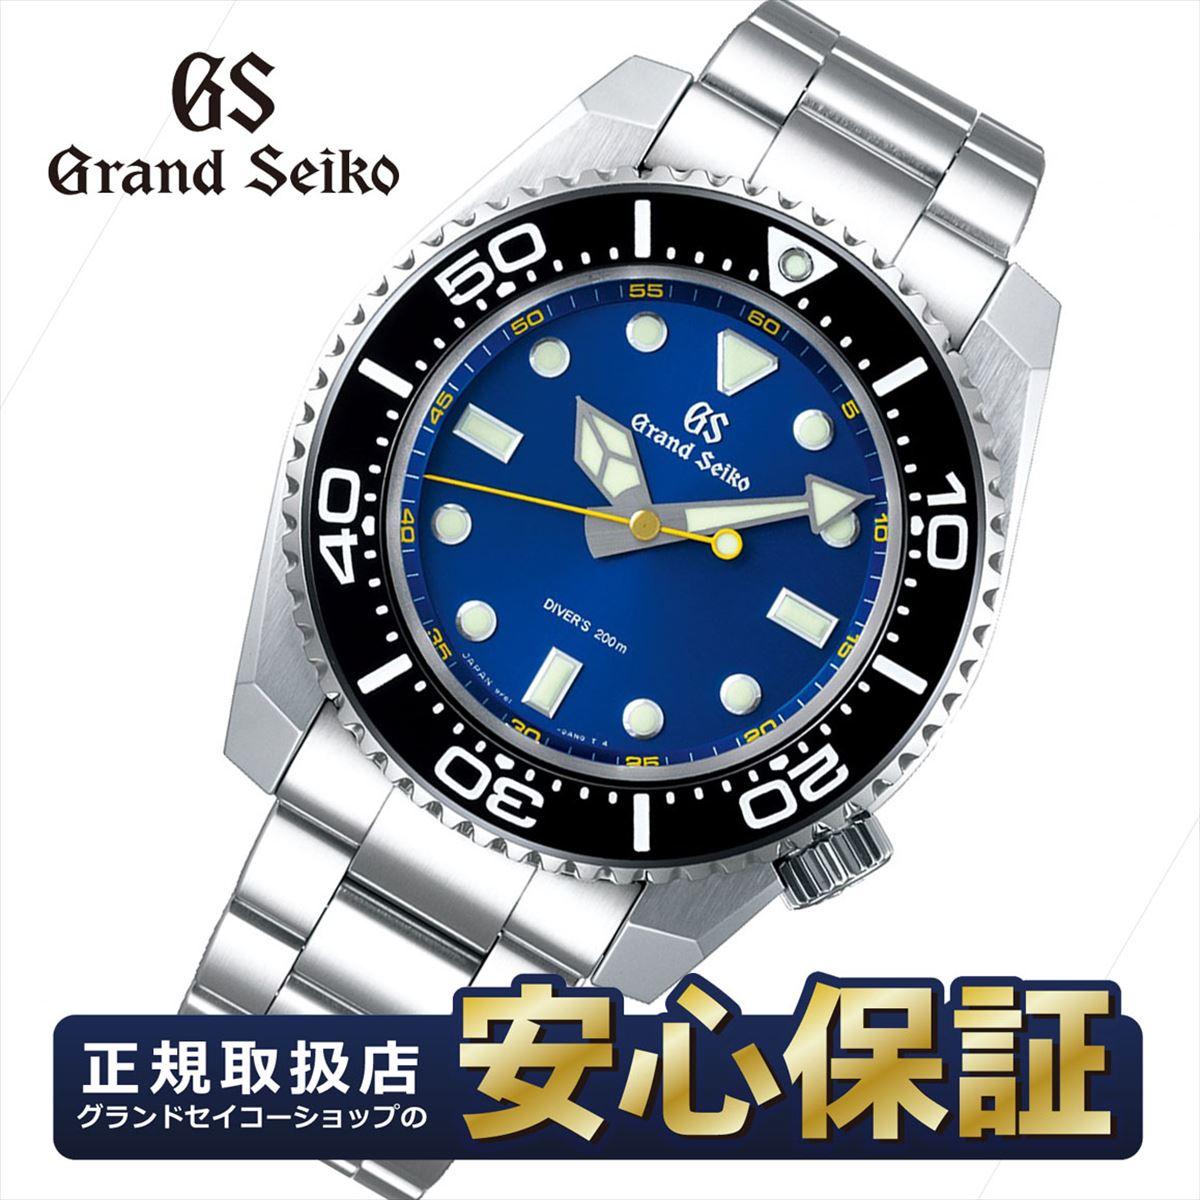 腕時計, メンズ腕時計 2,000OFF475030GSSEIKO SBGX337 9F GRAND SEIKO 061910spl